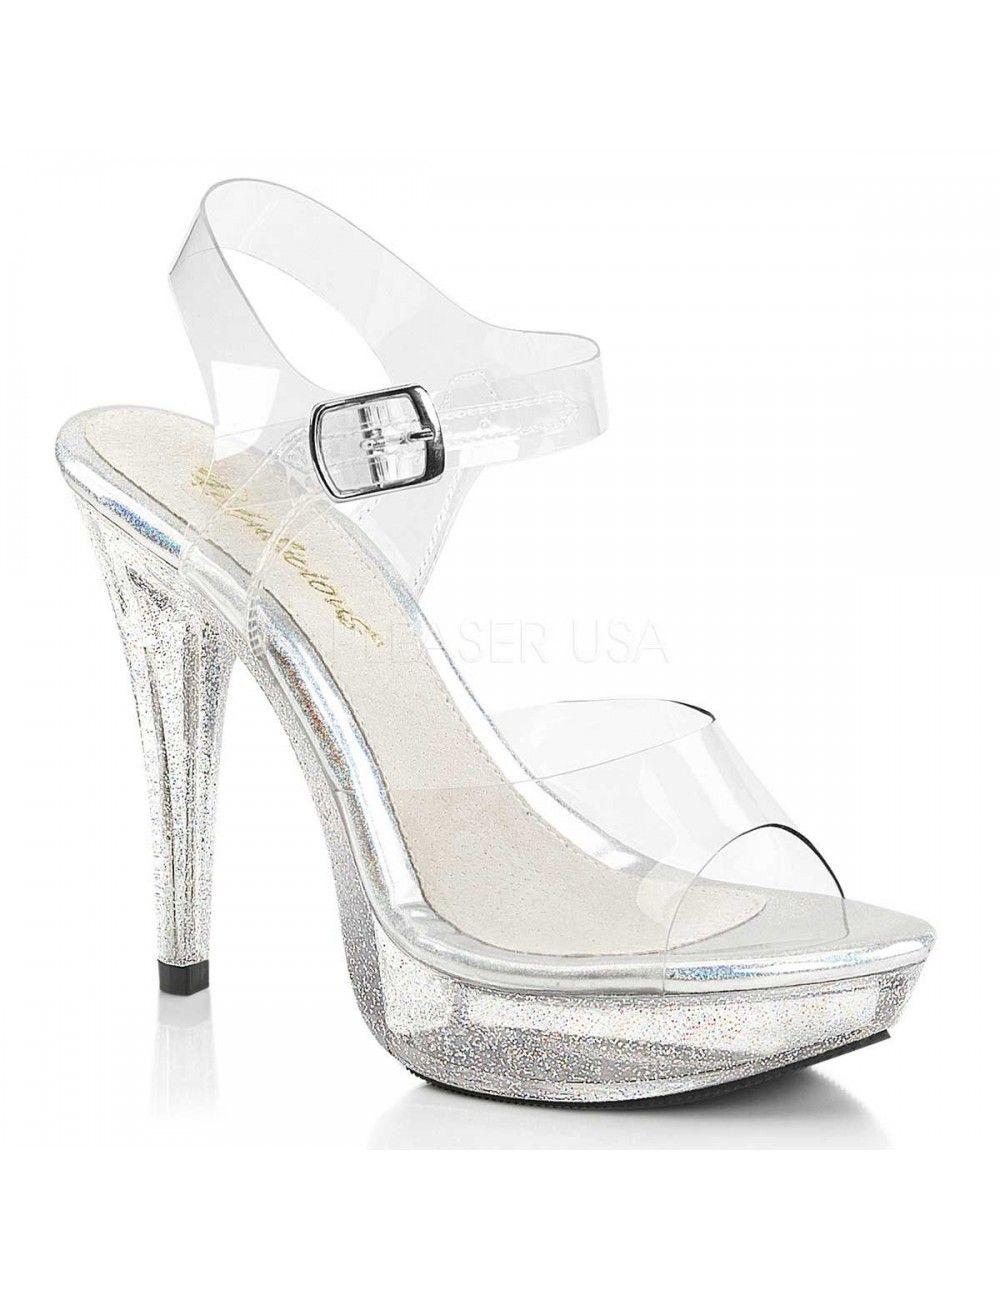 Sandales Transparente Pailleté Haut Talon PLEASER